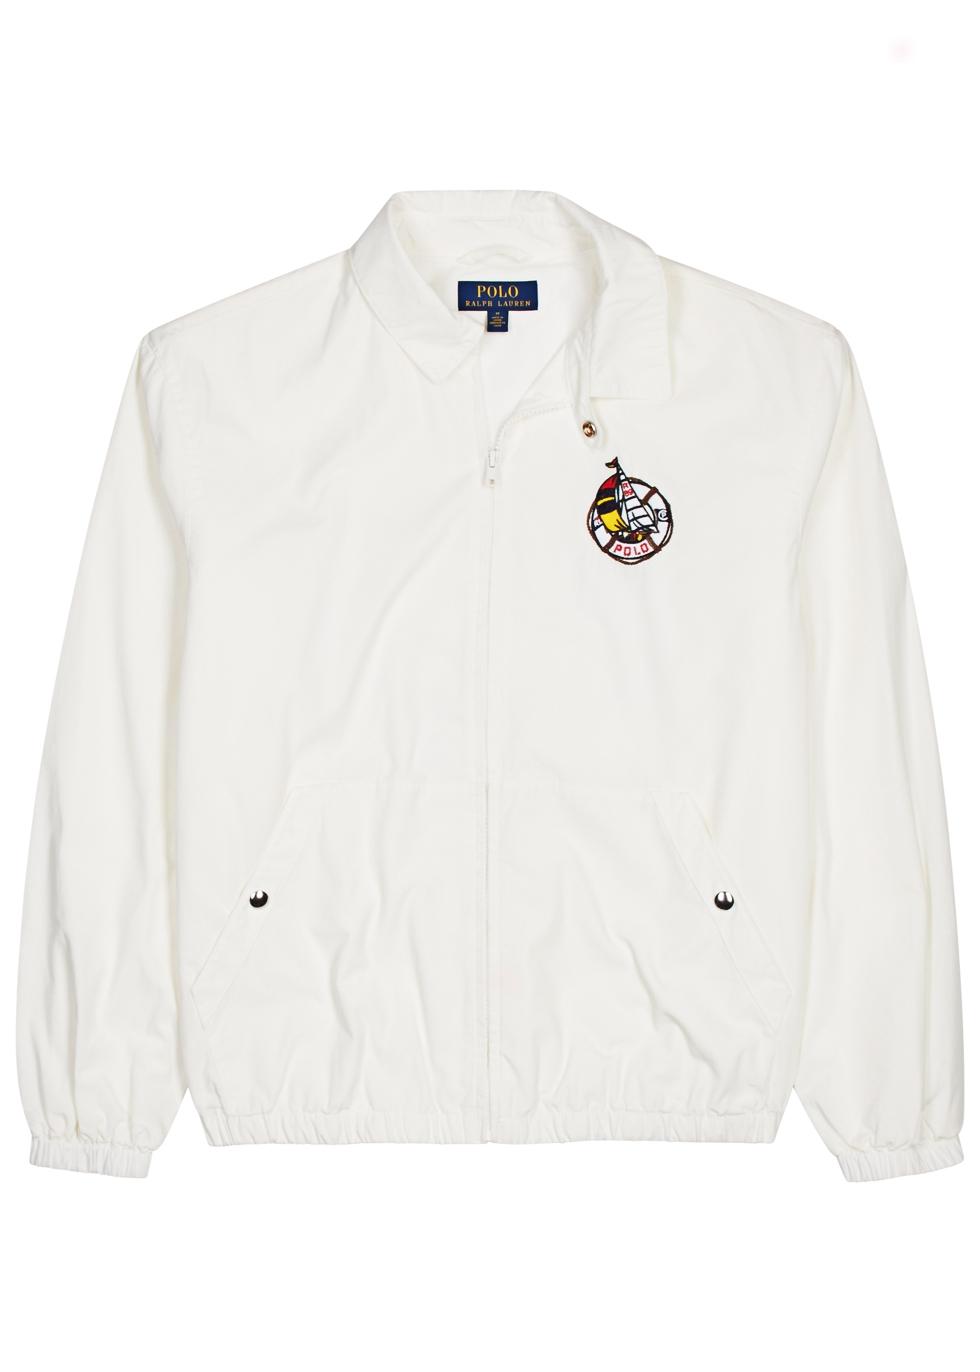 White embroidered cotton jacket White embroidered cotton jacket. Polo Ralph  Lauren. White embroidered cotton jacket